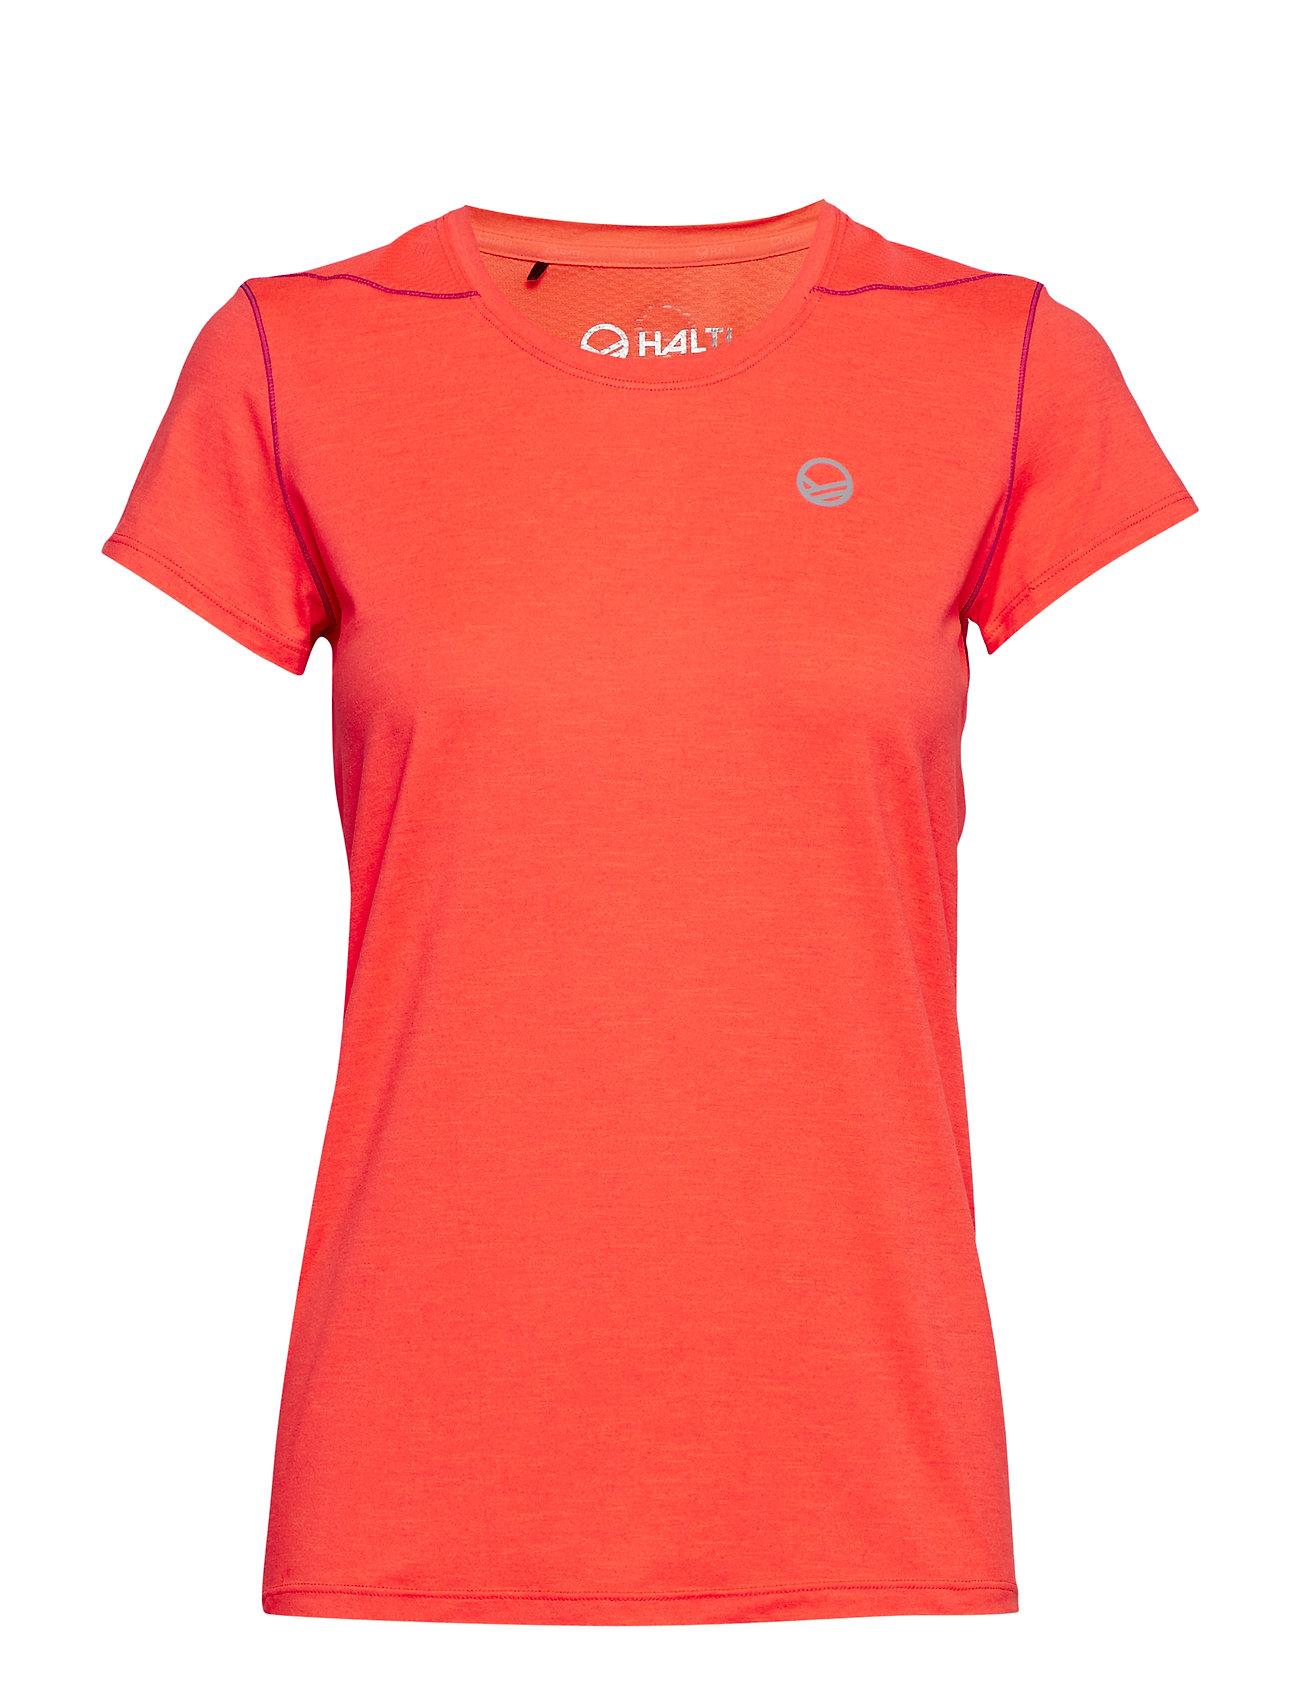 Halti Marjo W T-shirt - NEON FIERY CORAL MELANGE